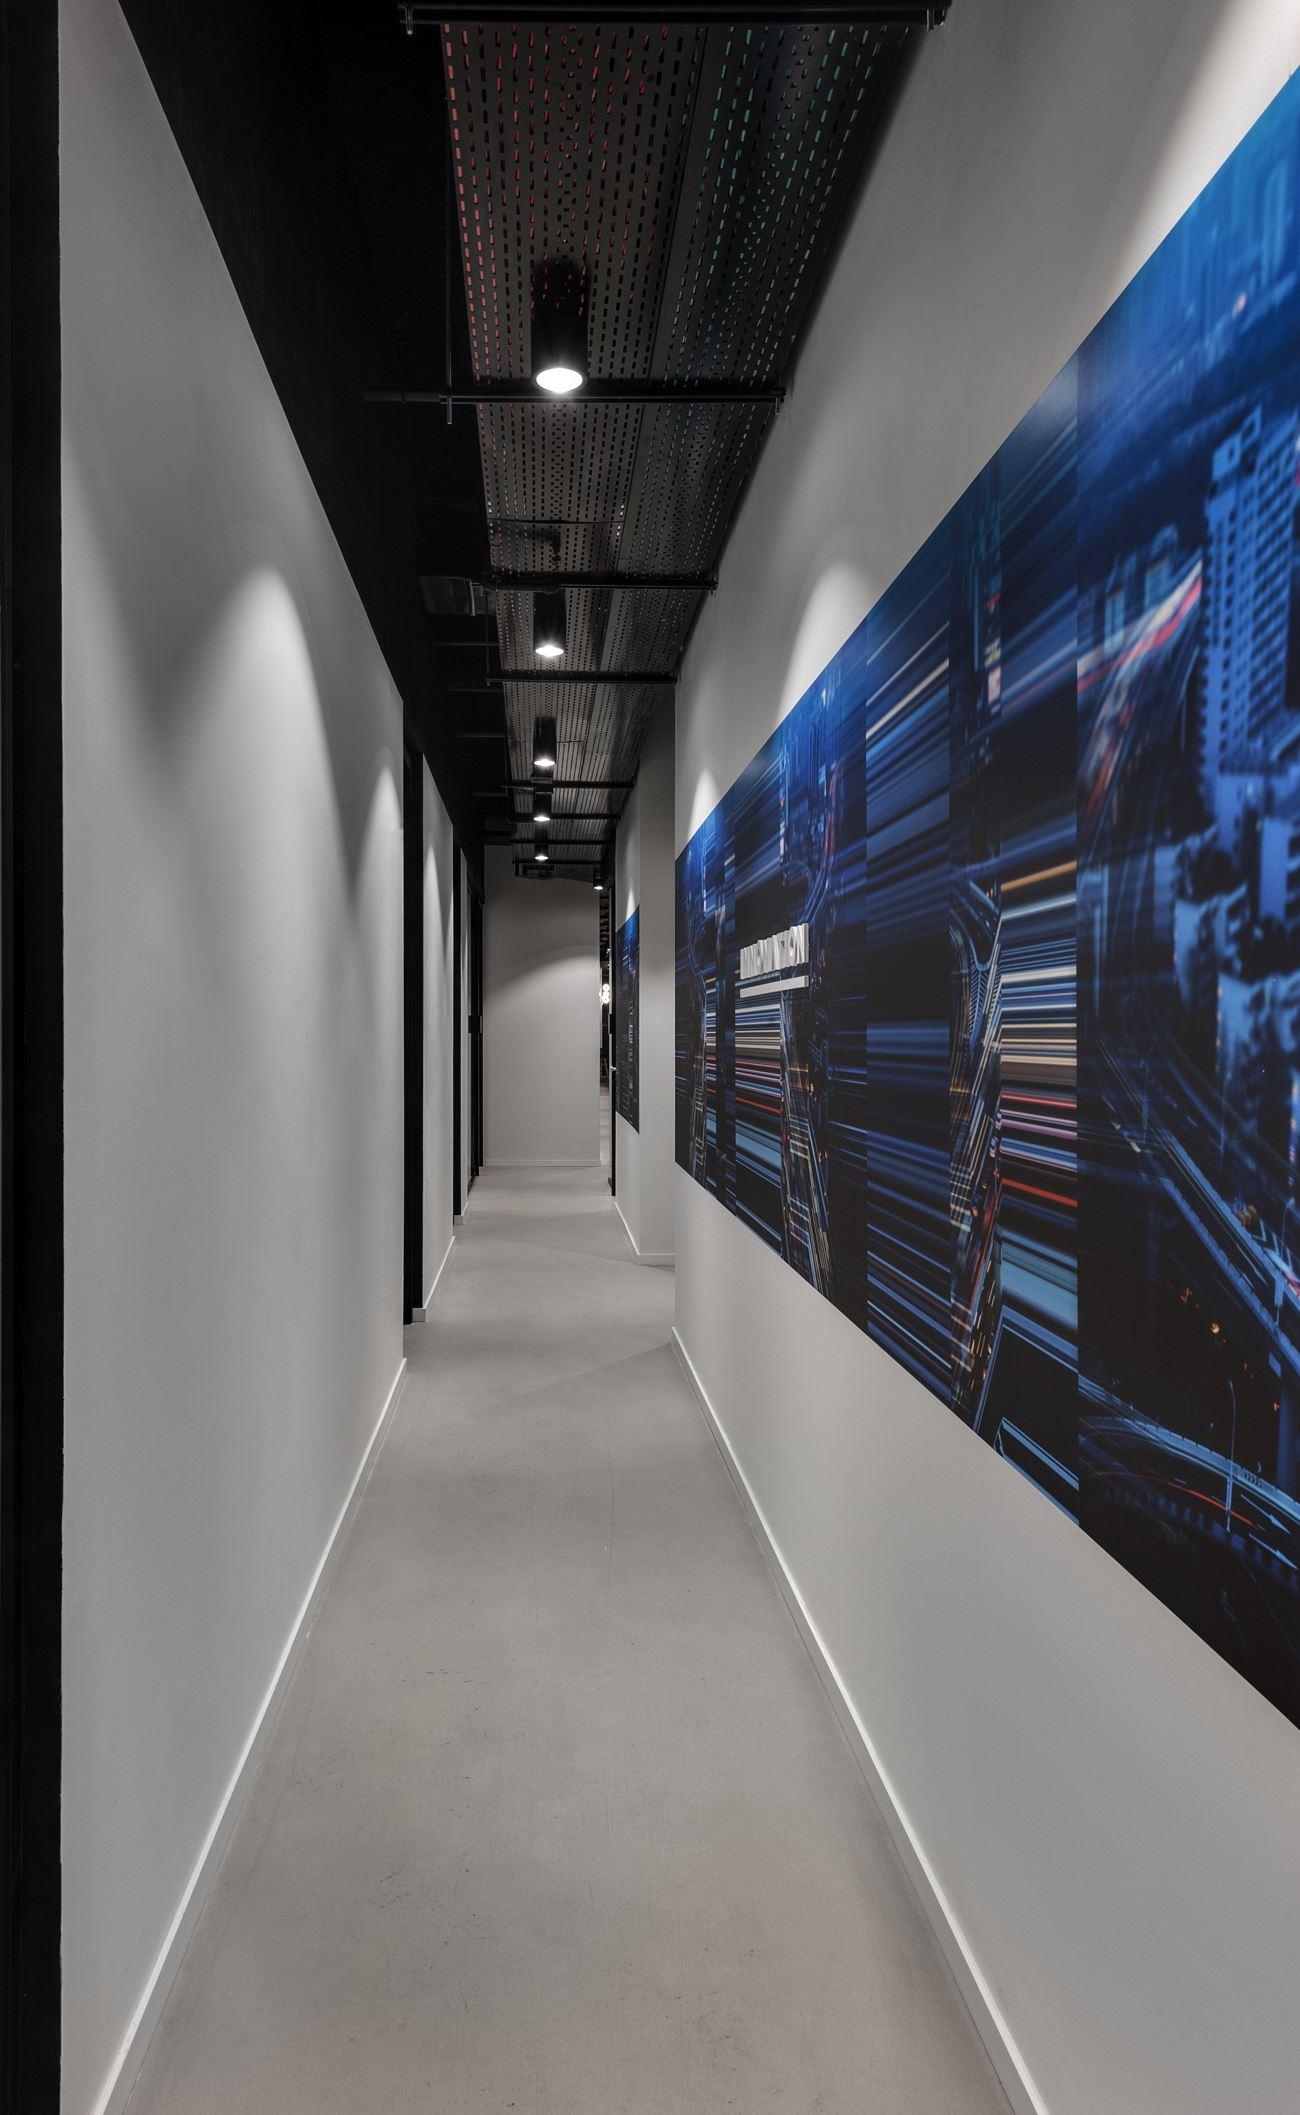 Innovation Offices גופי תאורה בתקרת המסדרון המשרד בעיצוב של קמחי דורי